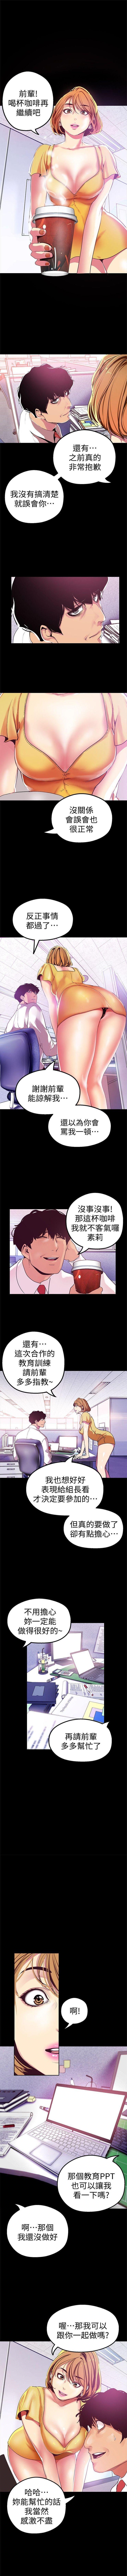 (週1)美麗新世界 1-76 中文翻譯 (更新中) 222